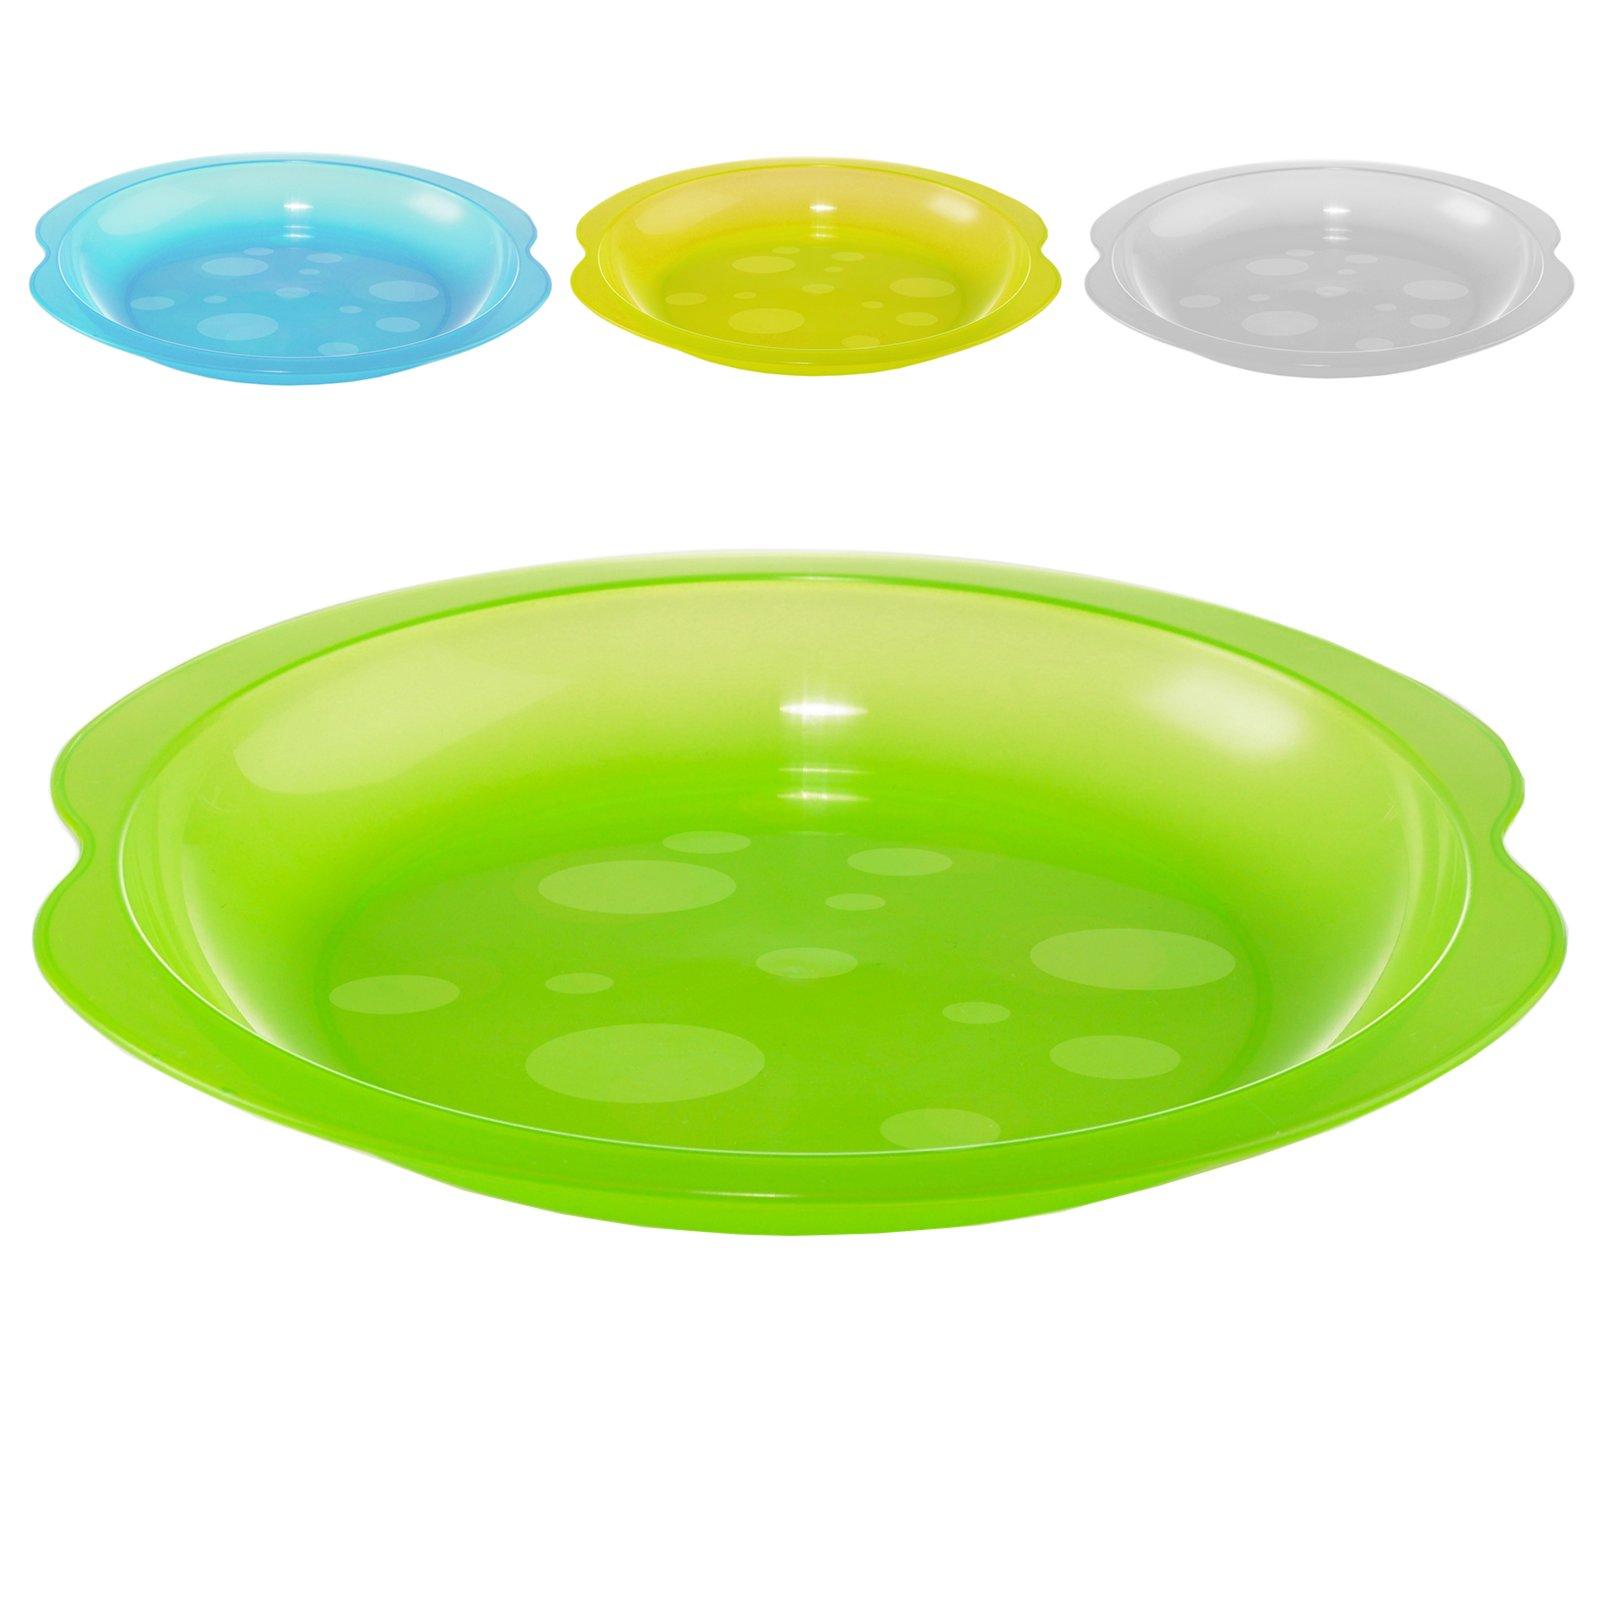 plastikteller tief 6 teilig sortiert farbe nicht w hlbar grills grillzubeh r. Black Bedroom Furniture Sets. Home Design Ideas